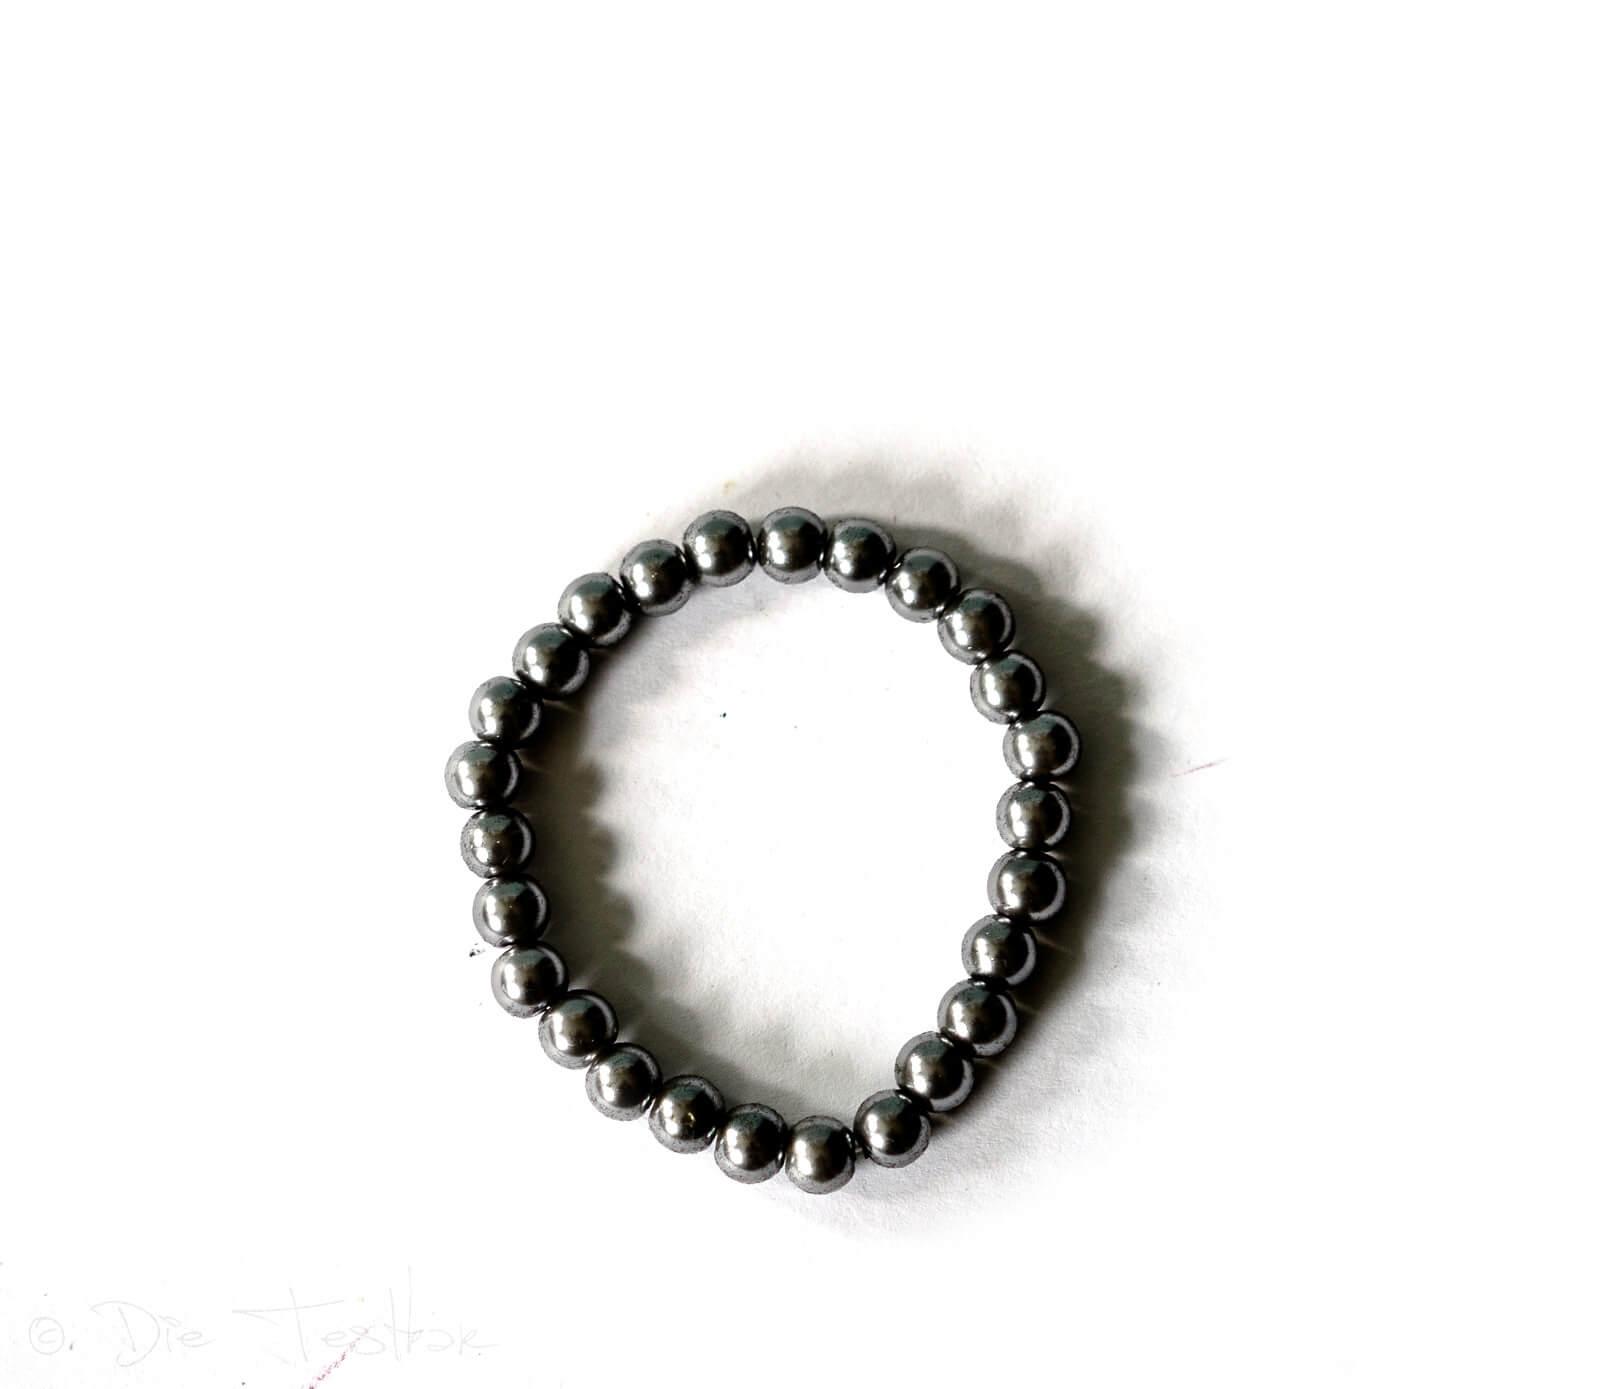 ADLER - Perlenarmband